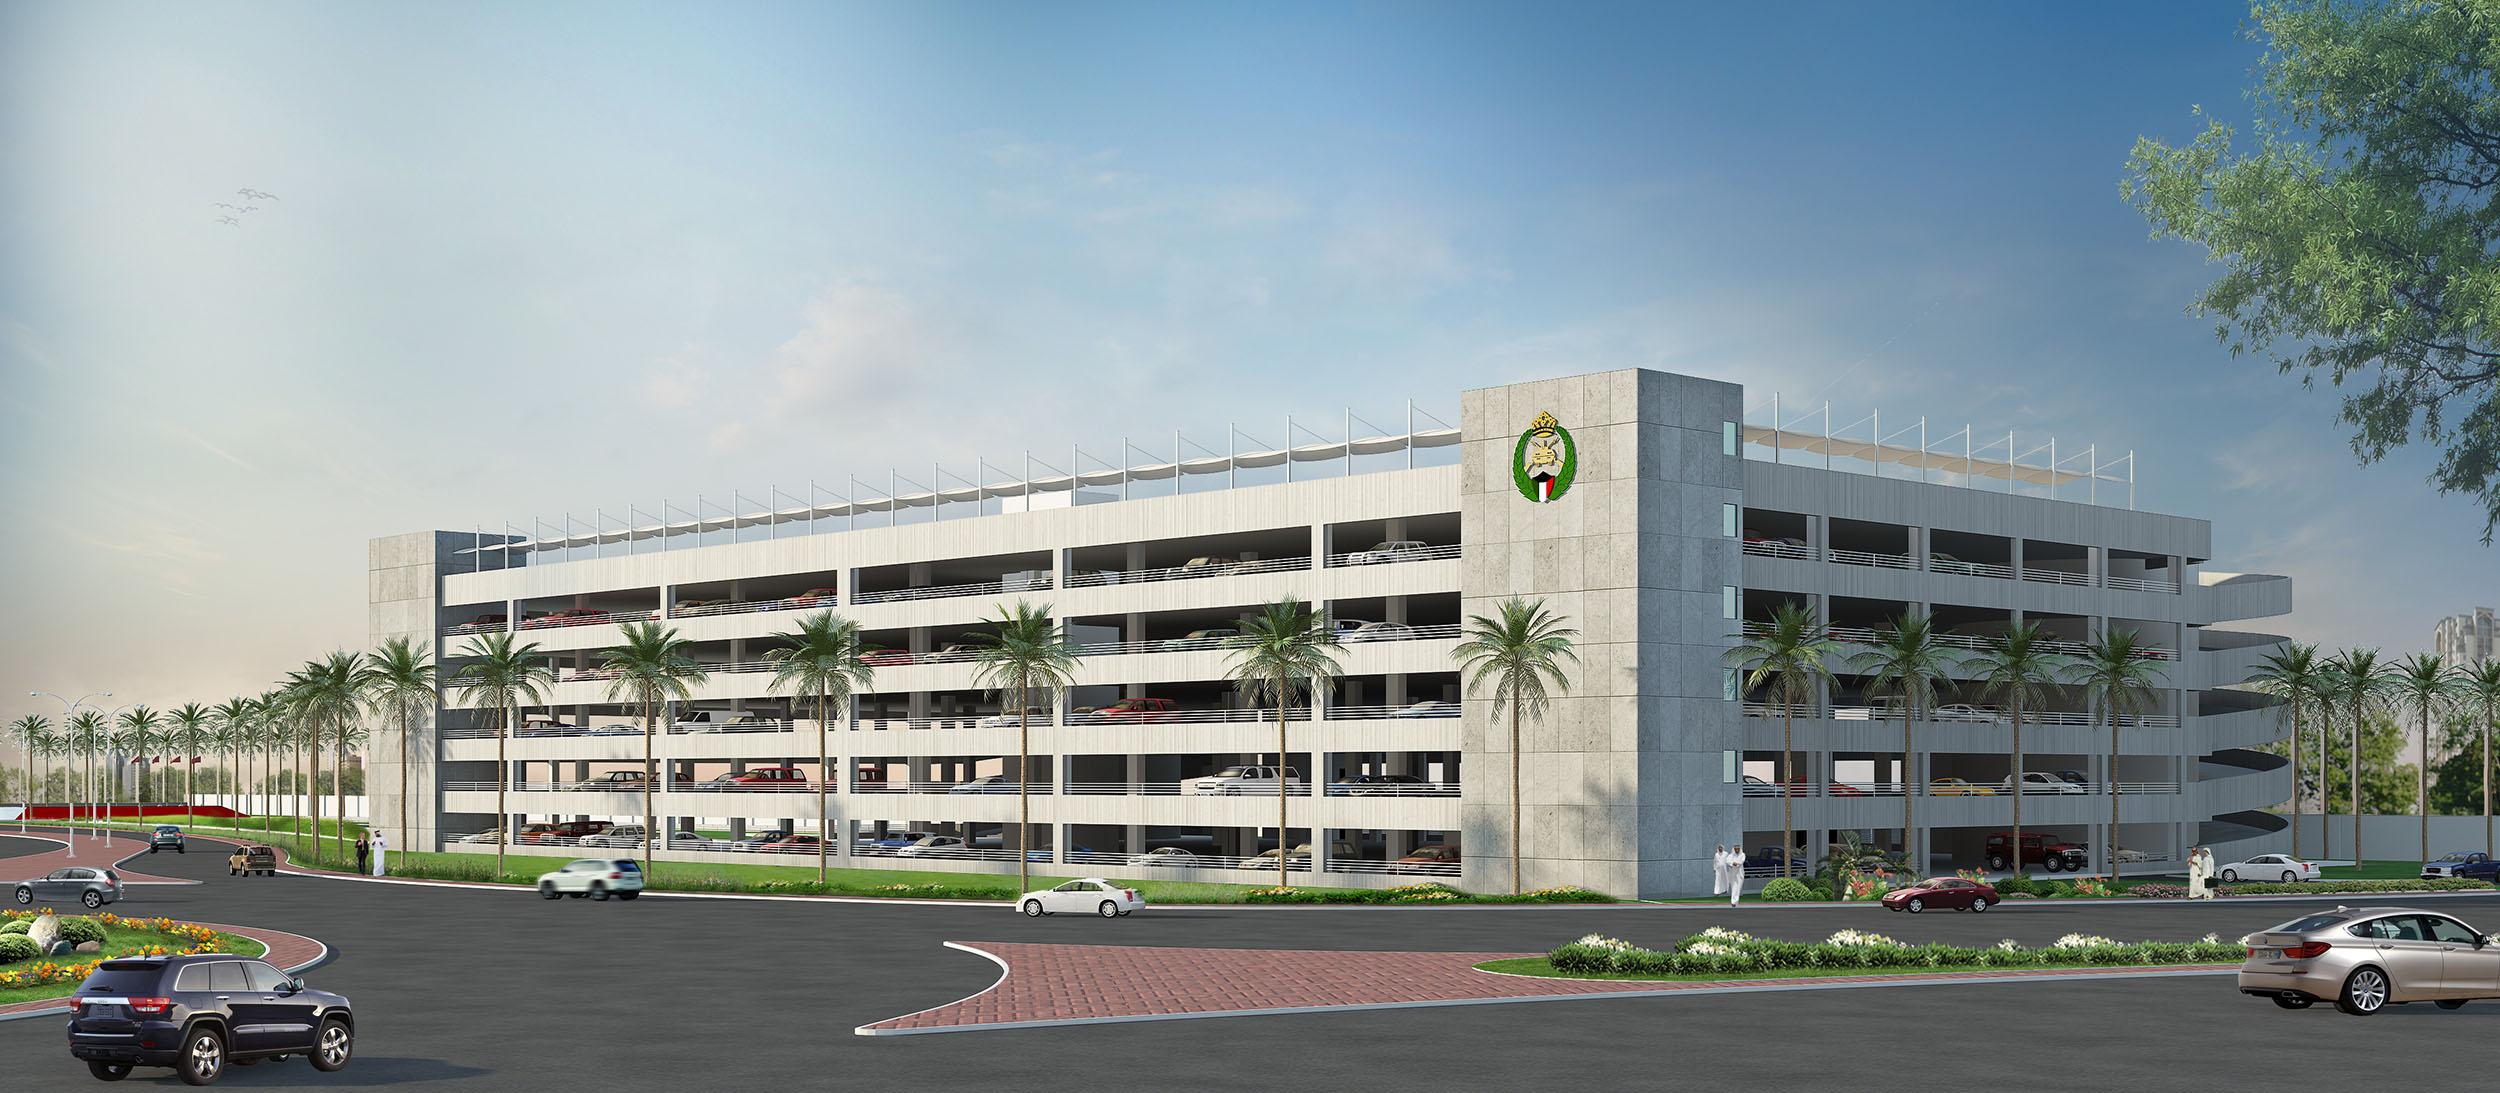 Kuwait National Guard - New Car Park Building